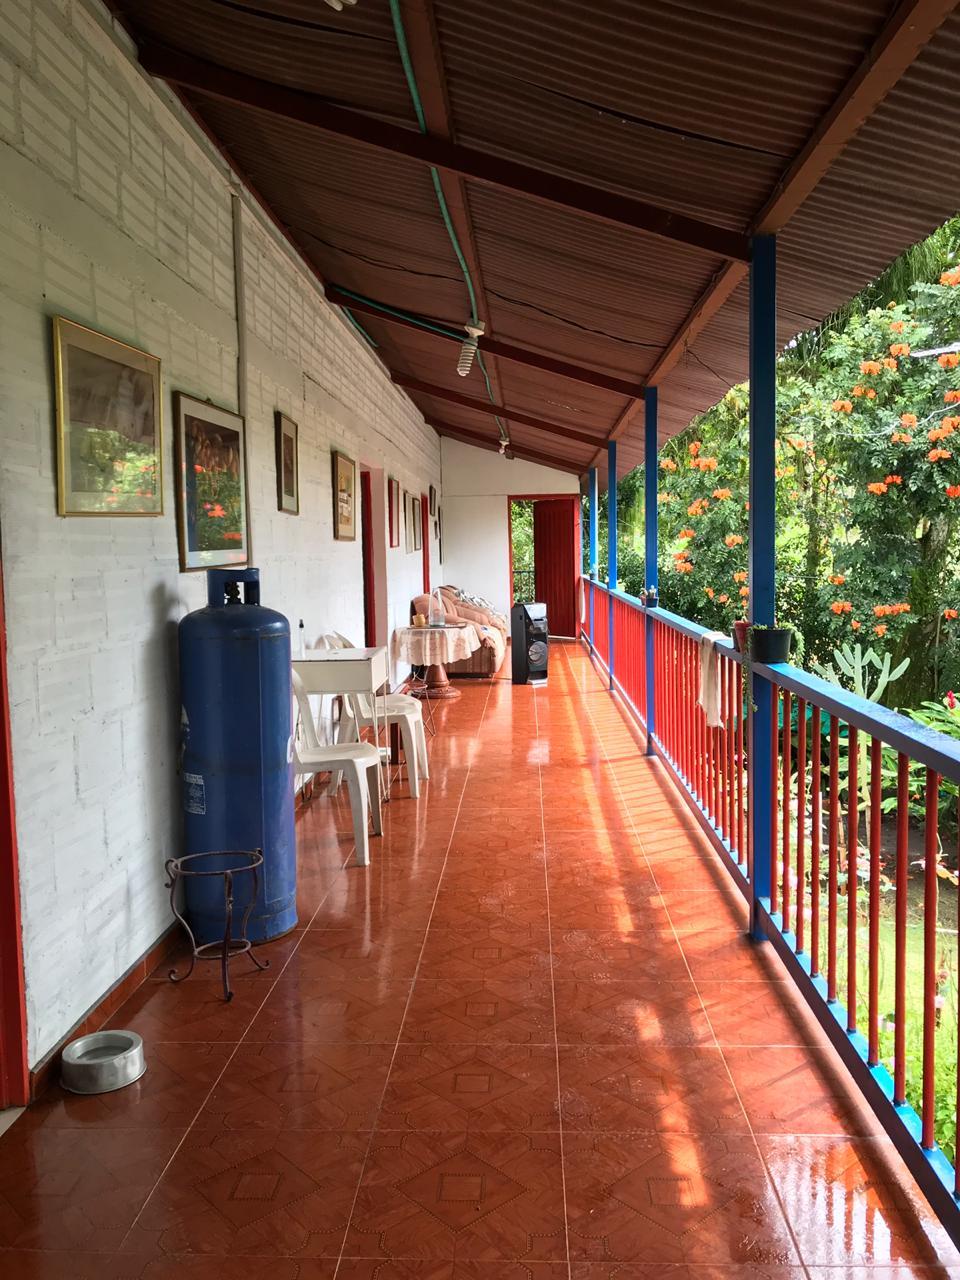 CÑVOC-0060 Se vende cabaña, en la vía Manizales – Medellín, sector San Bernardo del Viento.